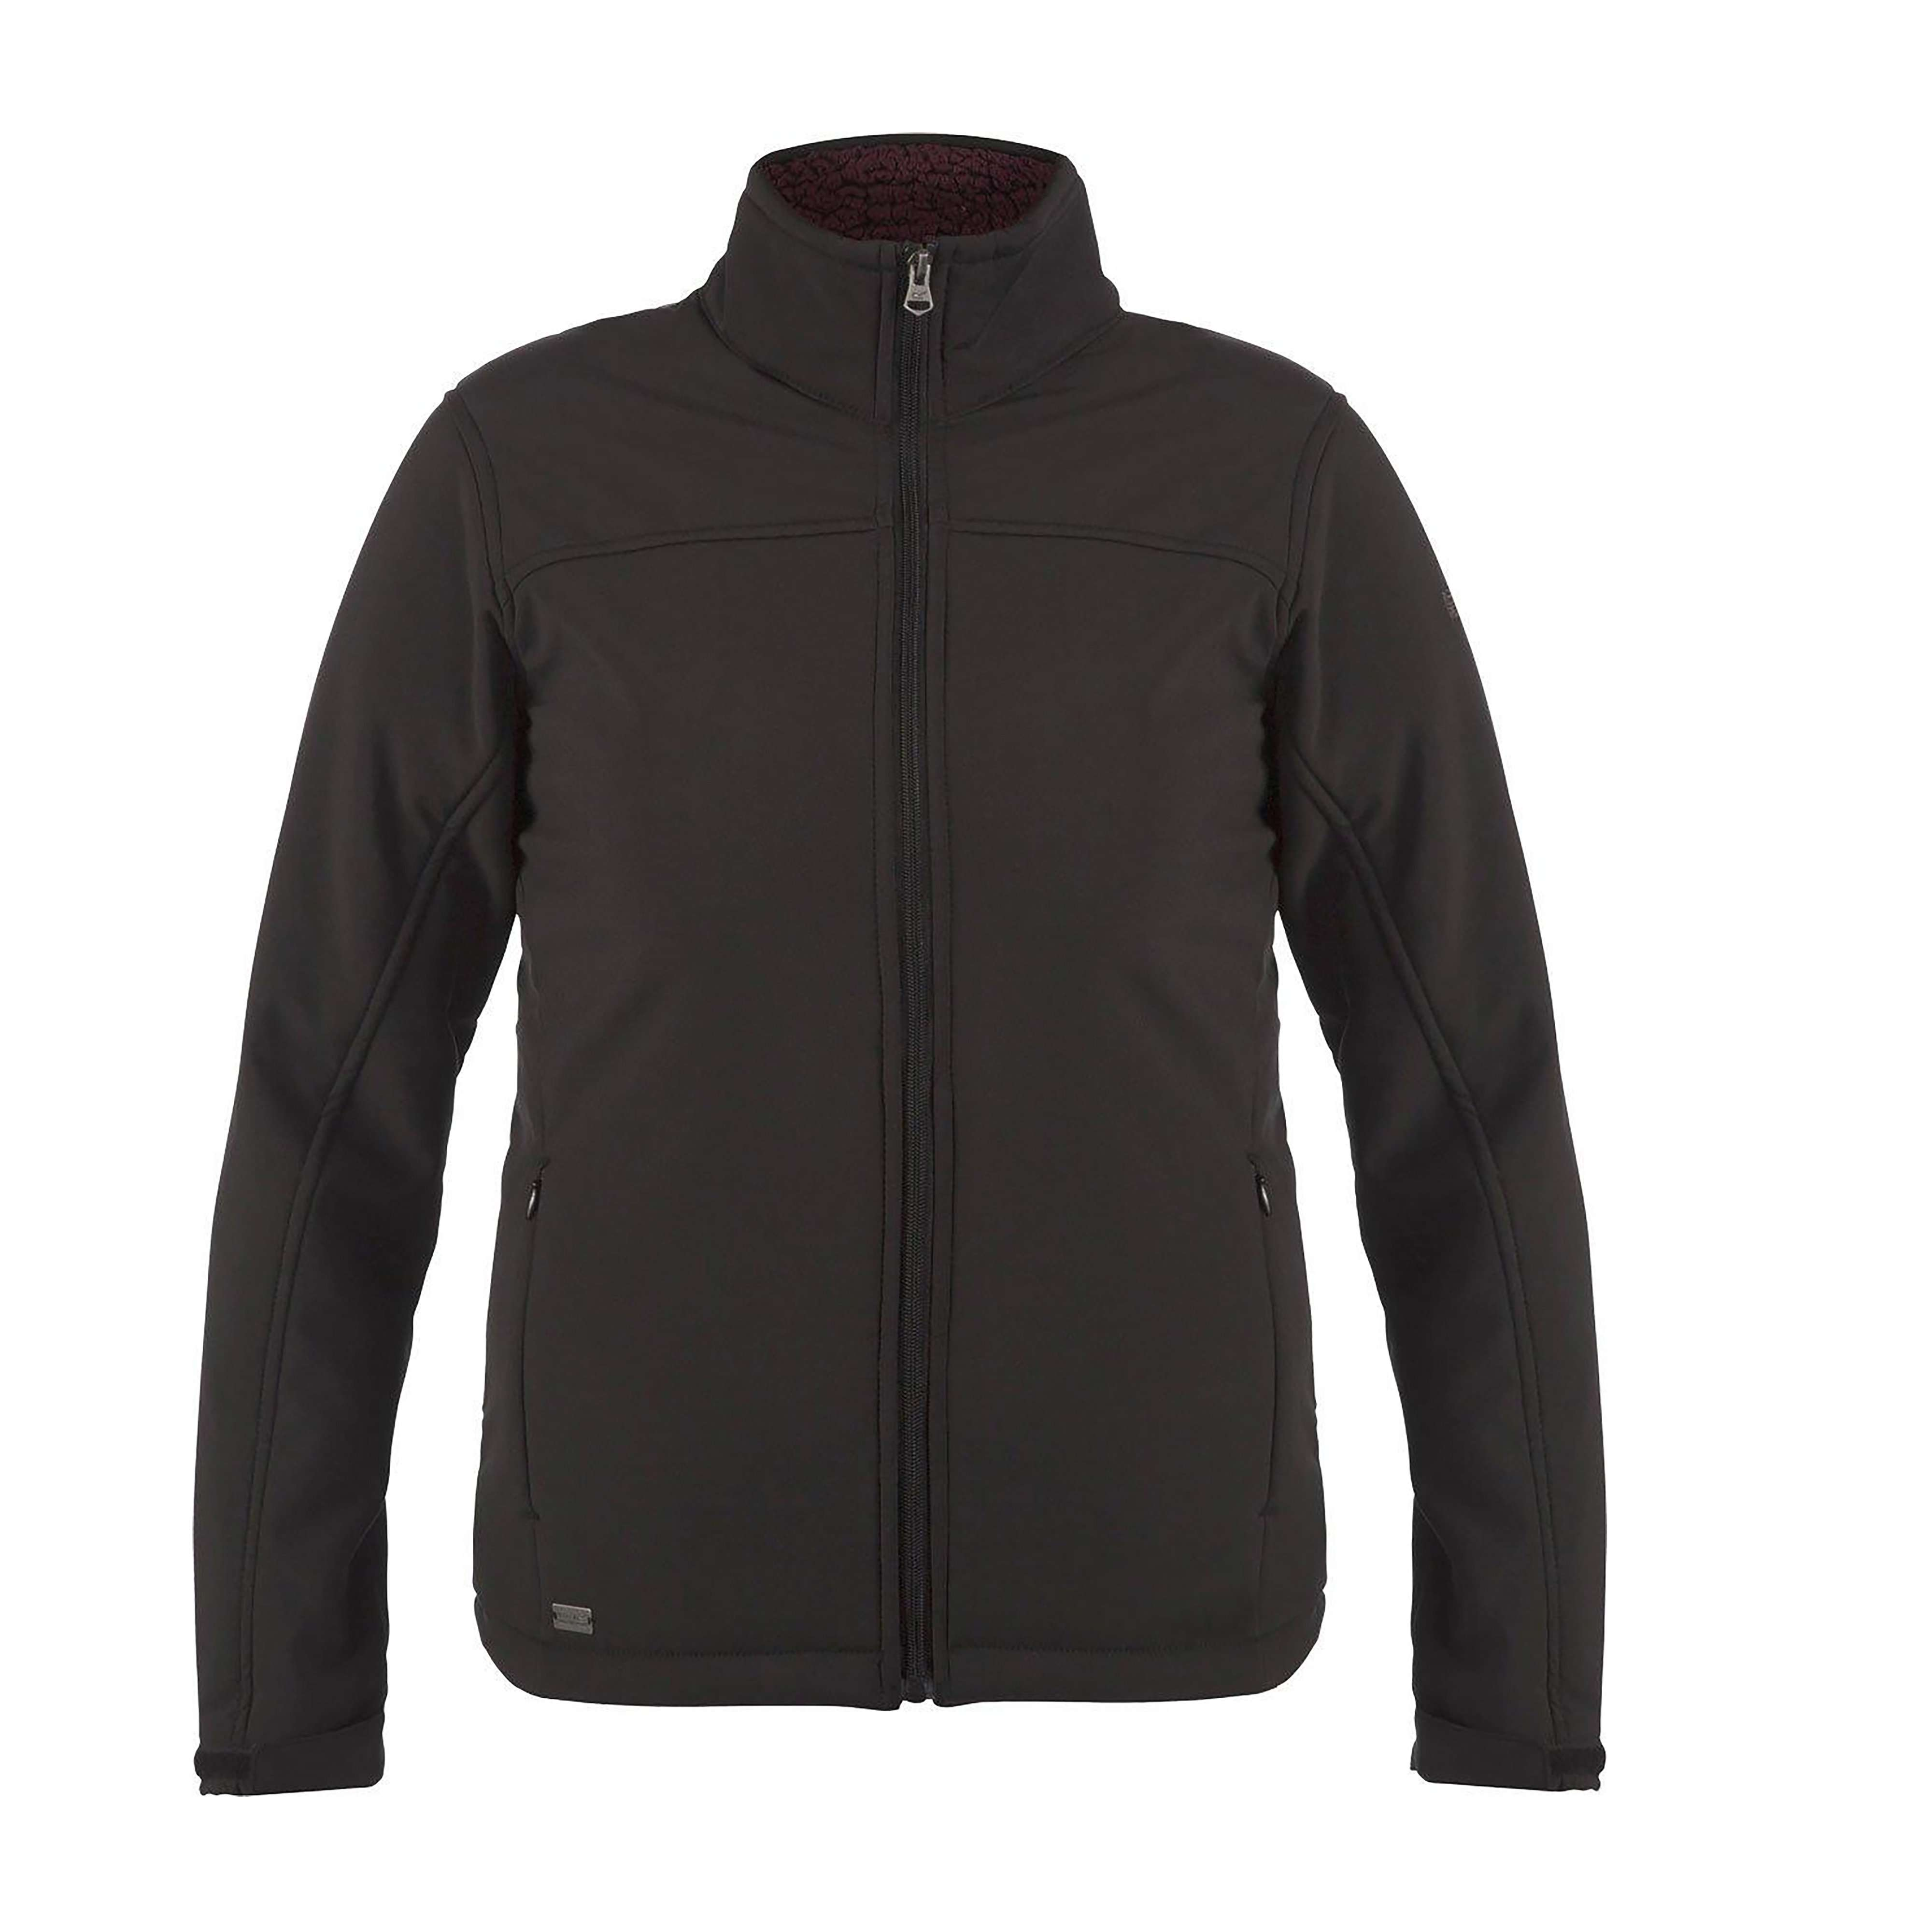 REGATTA Women's Tulsie Softshell Jacket